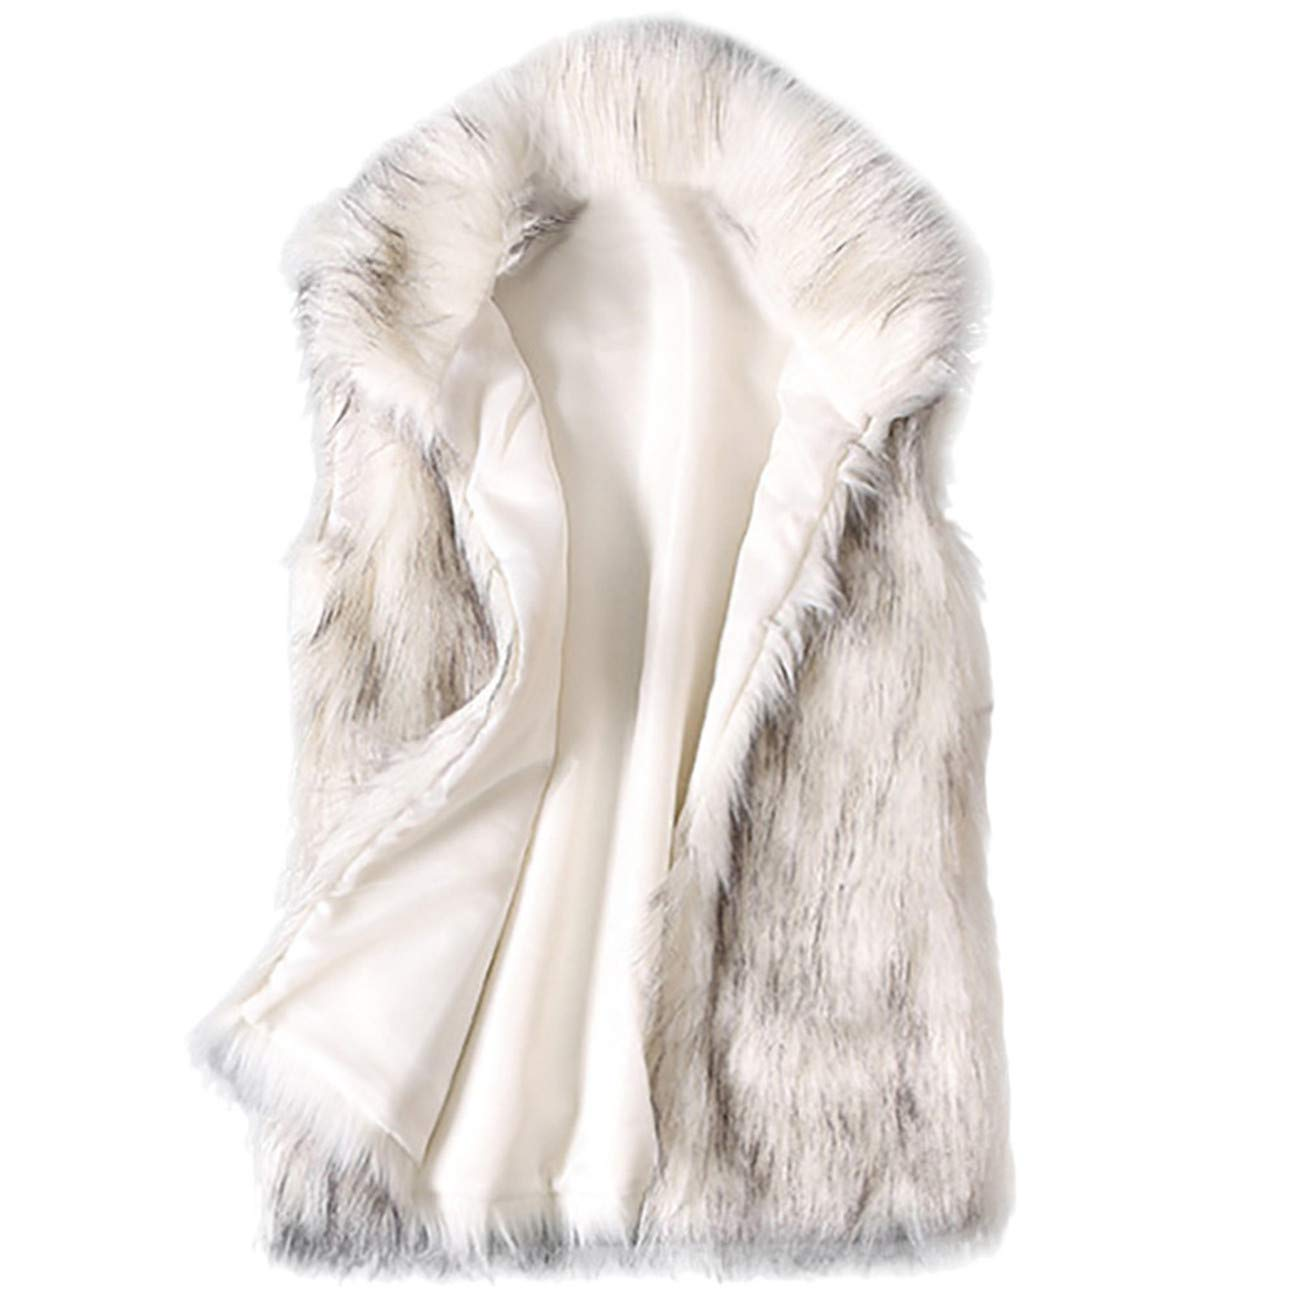 AMUSTER Inverno Autunno Donna Elegante Cerimonia Fashion Casual Gilet in Lana Faux Pelliccia Gilet Stand Colletto Faux Pelliccia Cappotto Giubbotto.